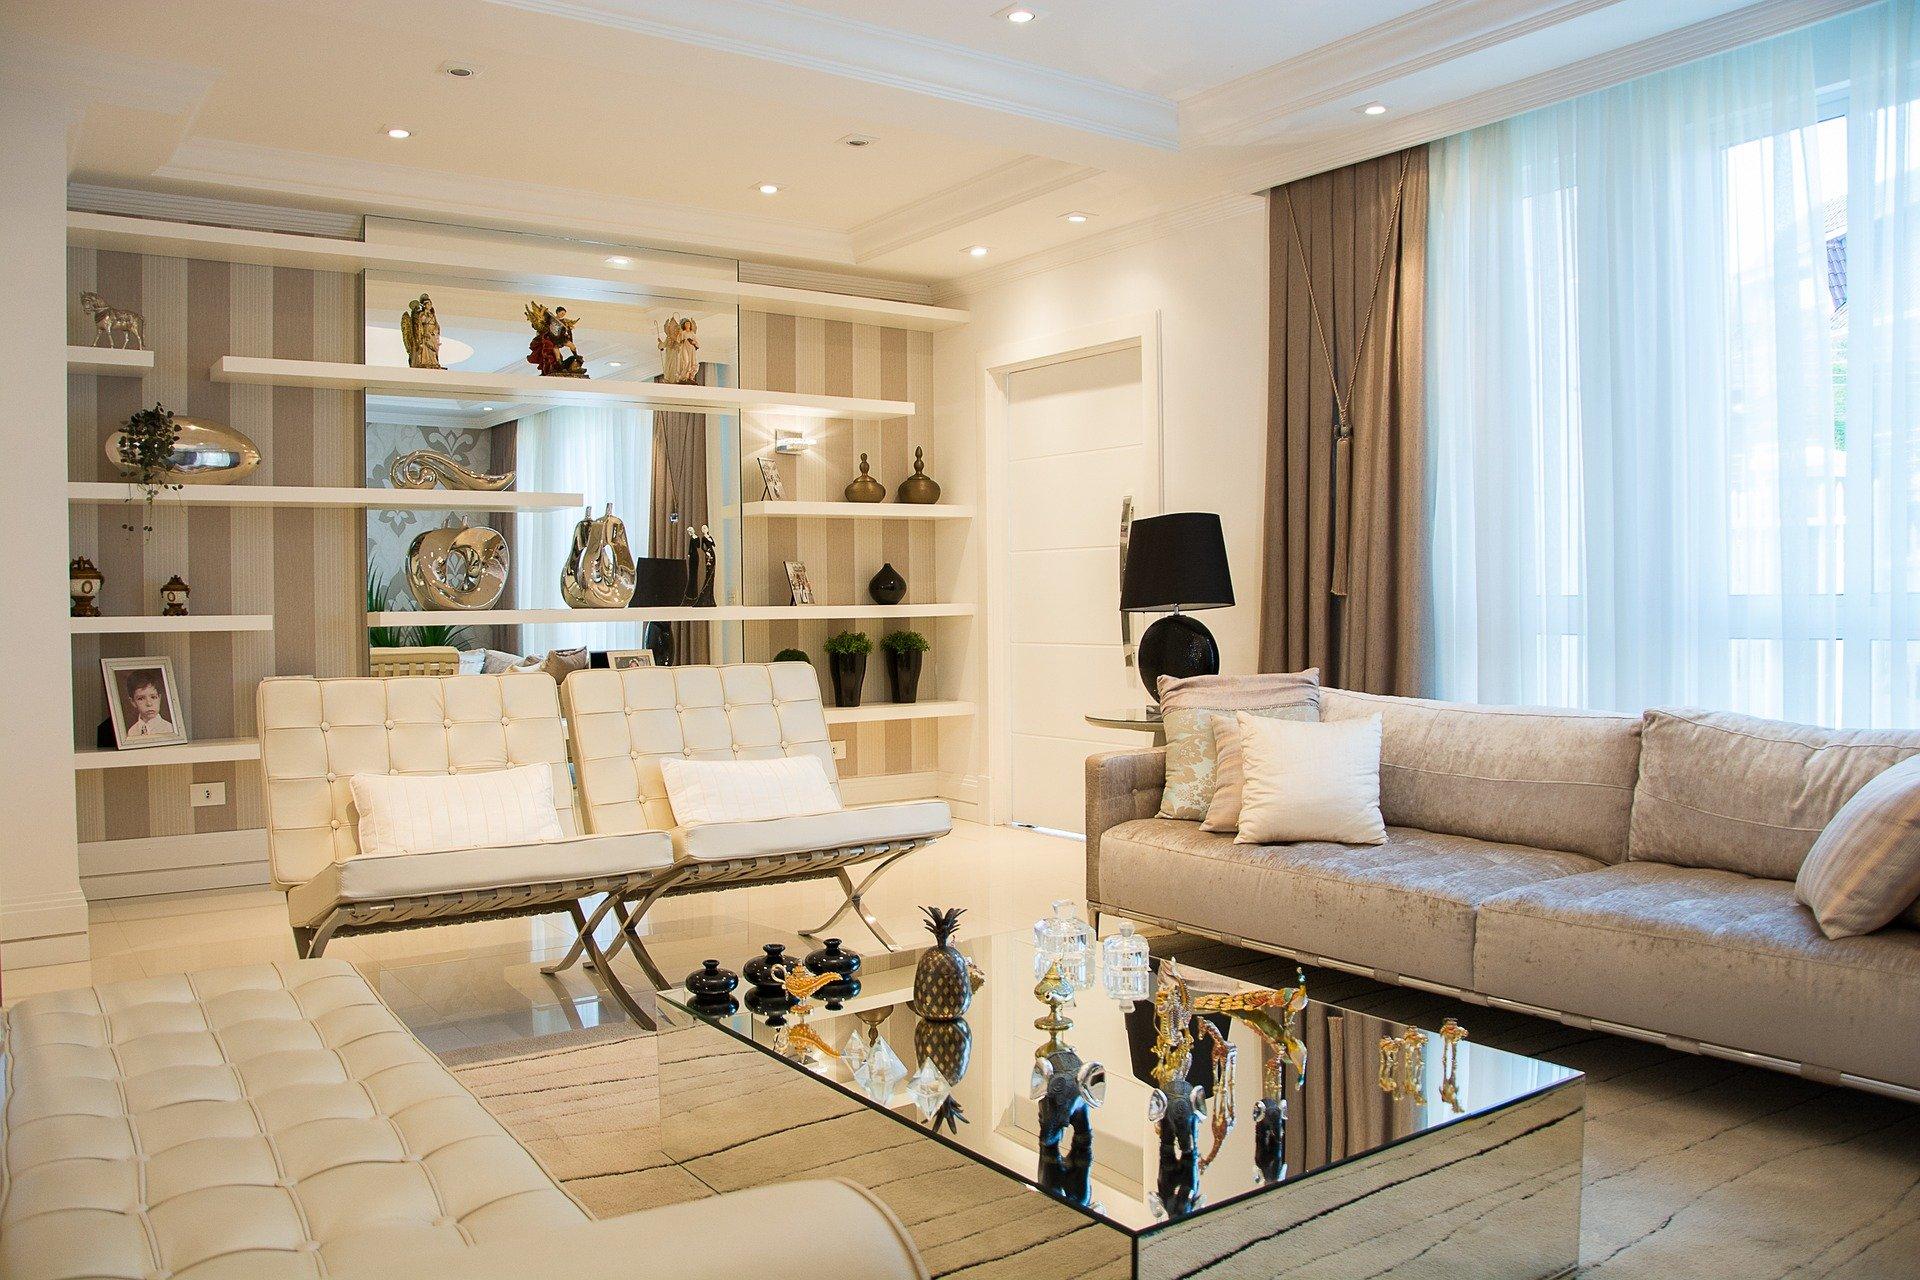 ¿Necesitas un profesional para reformas y diseñar su nuevo hogar? Contacta con nosotros.